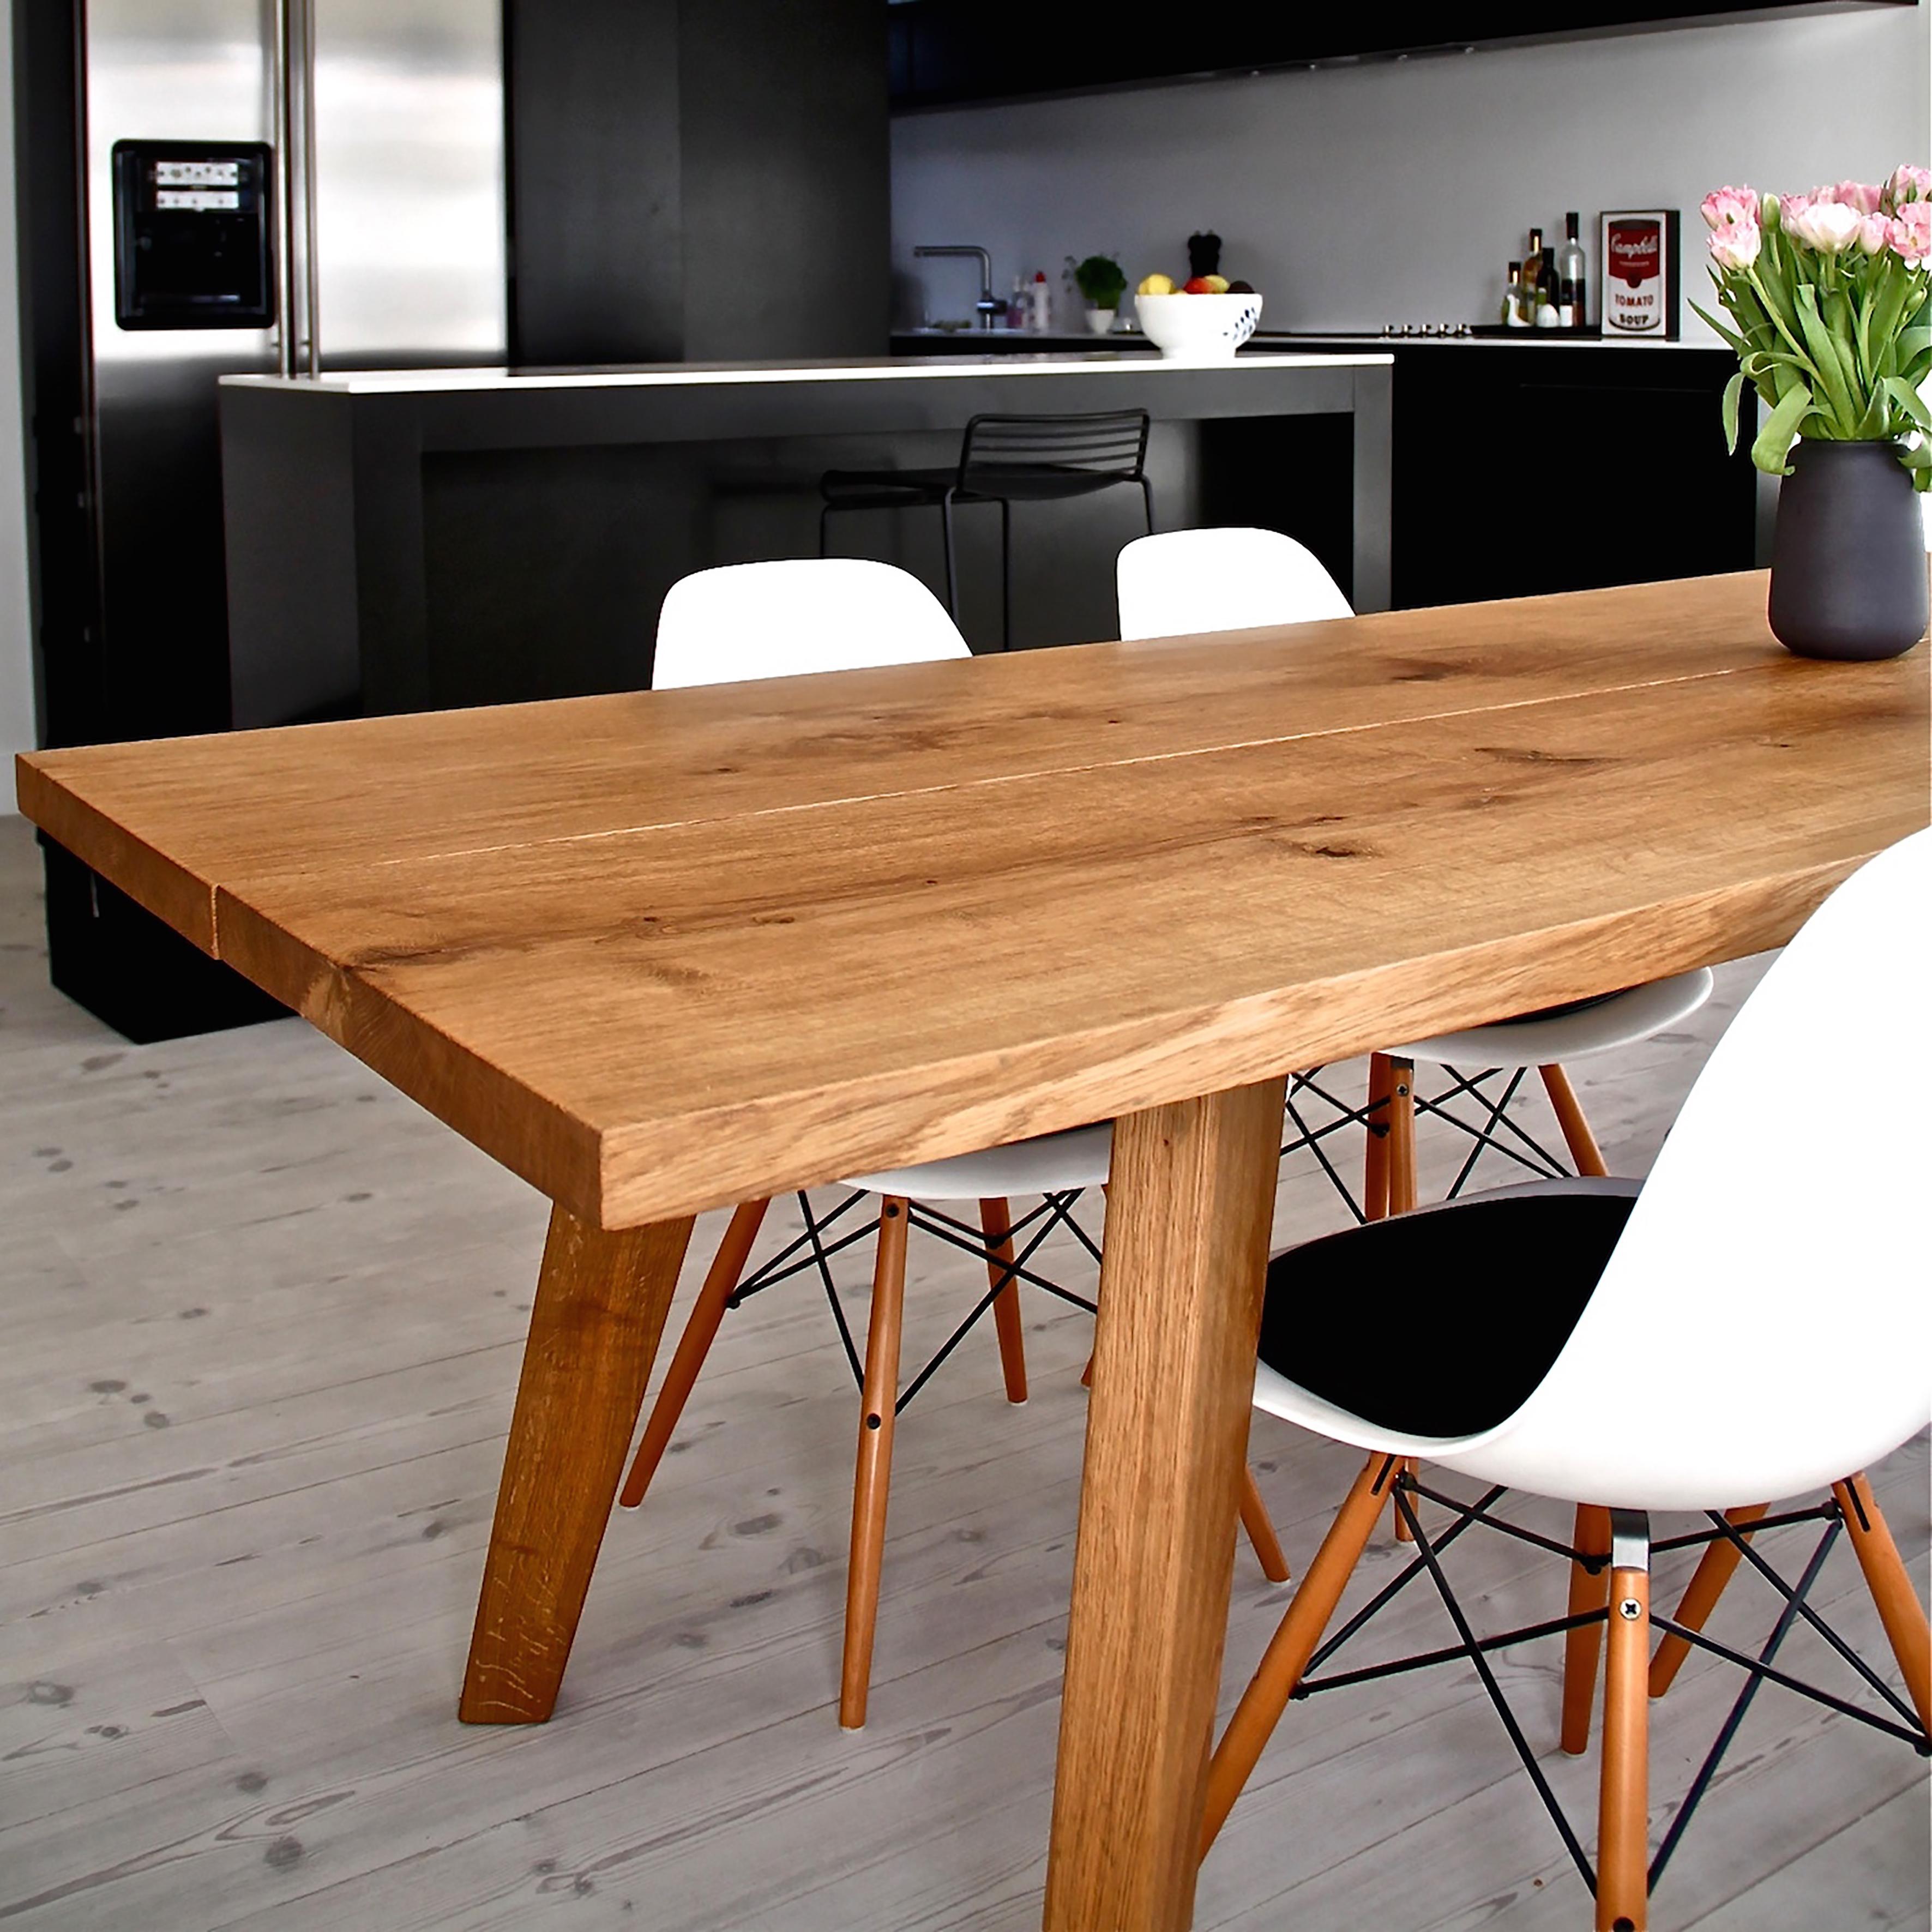 designer spisebord Spisebord   Designer Planke spiseborde i bl.a. massiv Eg   Mann Design designer spisebord